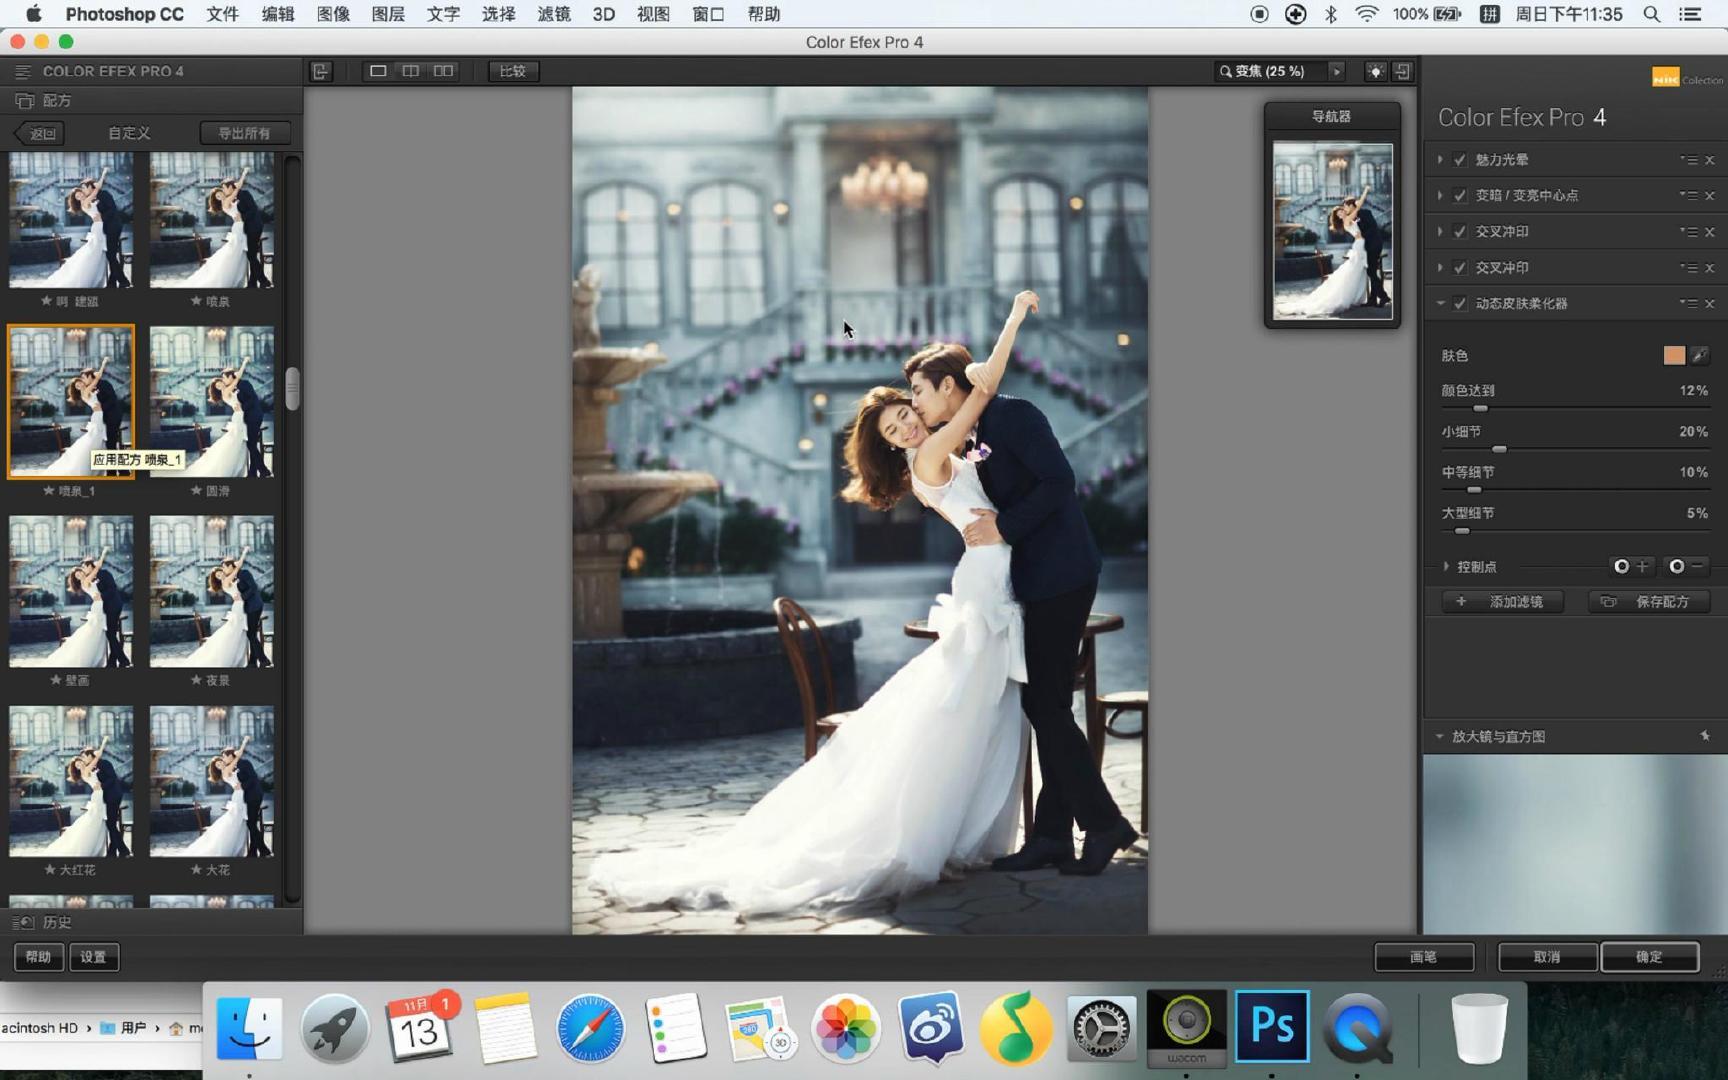 平面教程-修图师孟林林唯美PS韩式婚纱照调色教程 含素材(10)